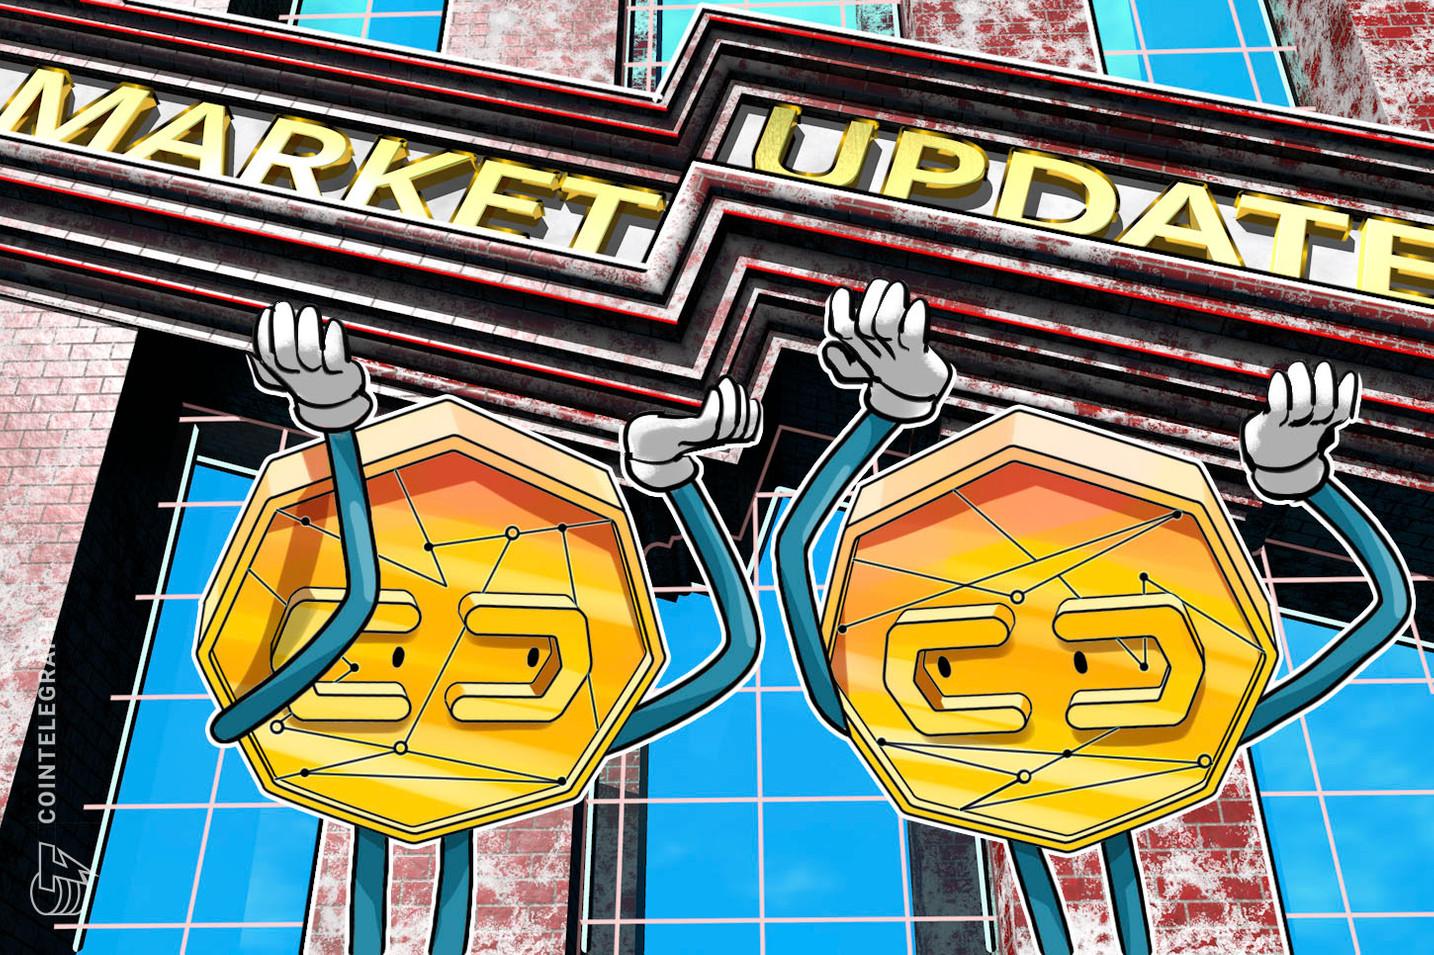 Bitcoin rutscht unter 10.800 US-Dollar, Kryptomärkte mit leichten Verlusten